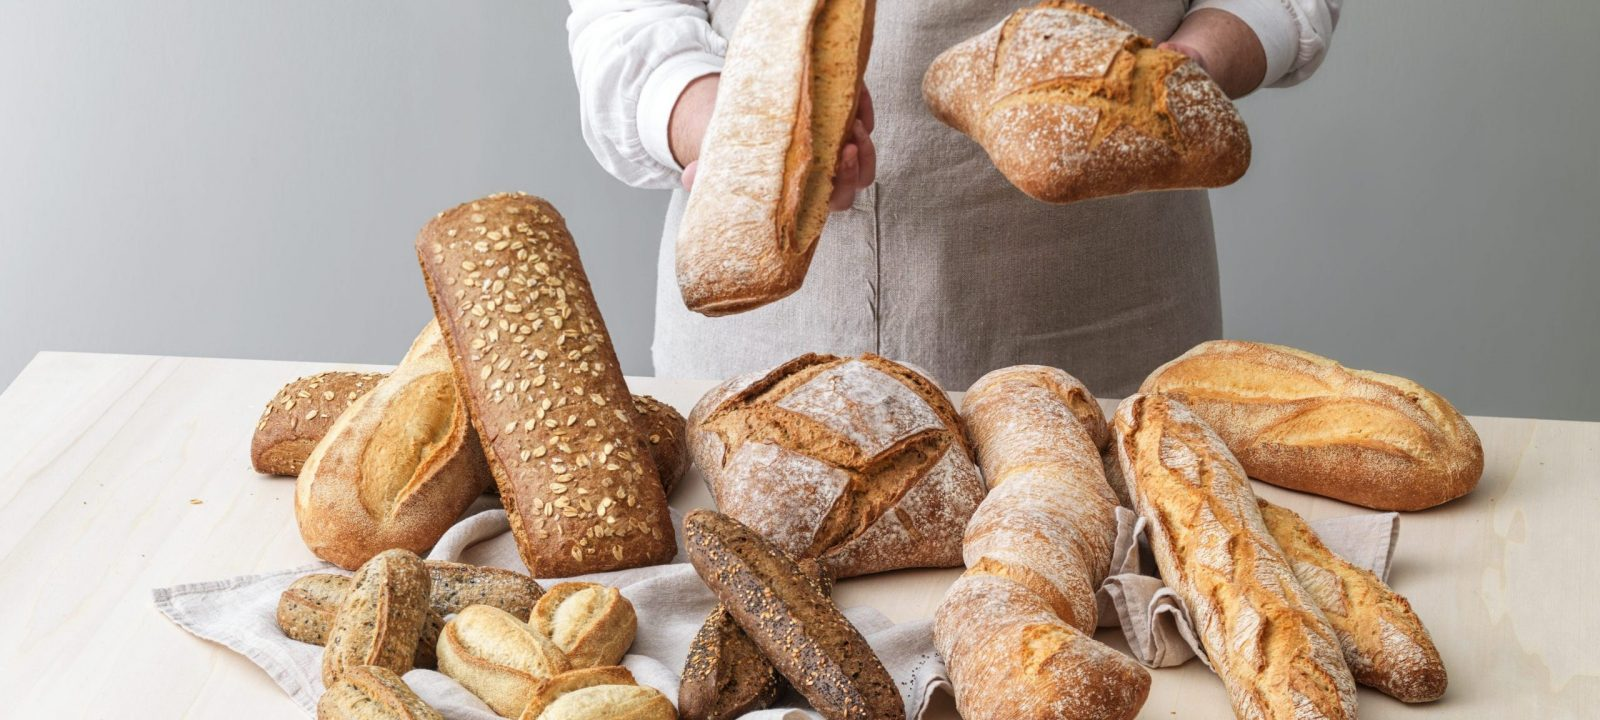 Toute la gamme de pains